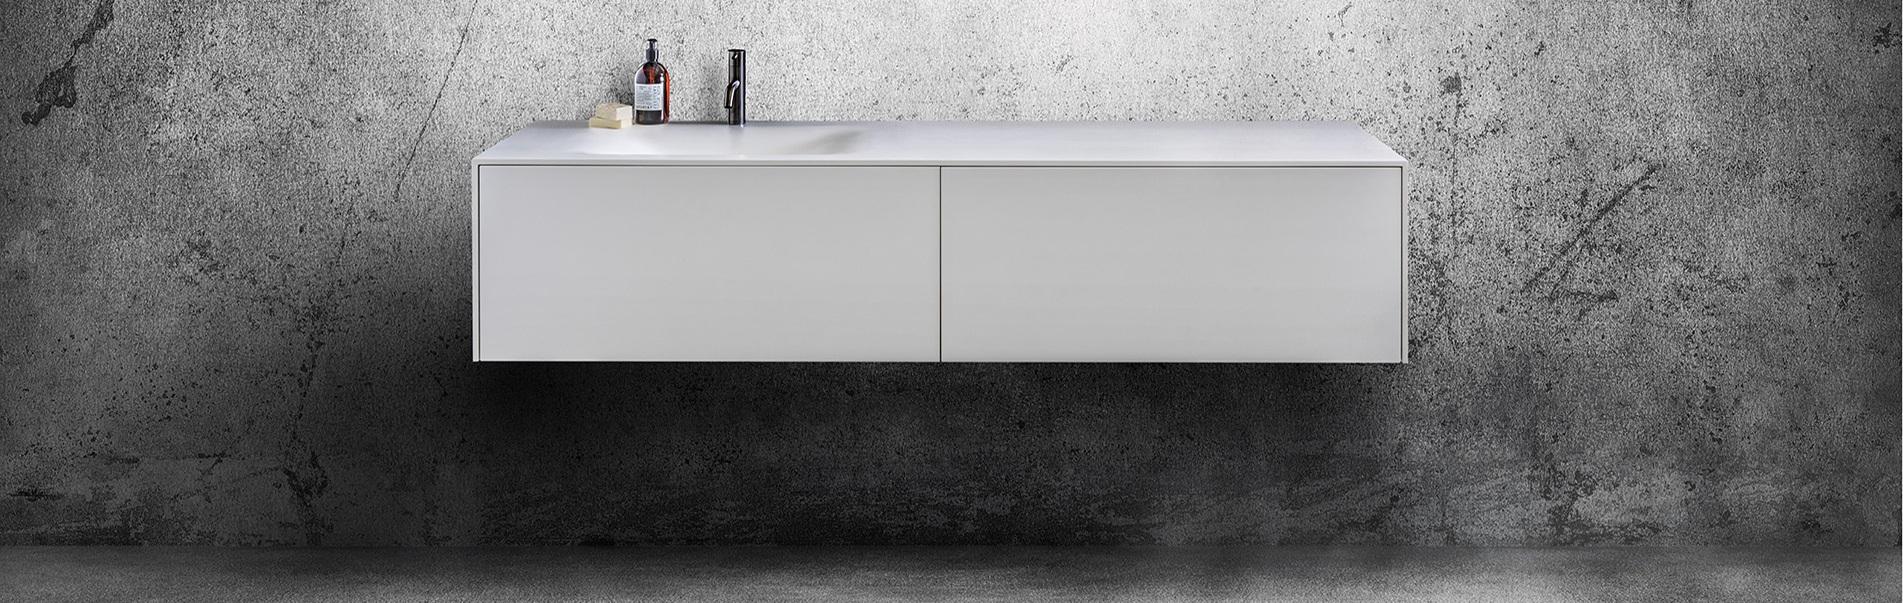 Badkamermeubel BDutch. Strakke design badkamermeubelen. Wit Solid Surface Corian Himacs. B Dutch design badmeubel. Bekijk het B Dutch concept voor complete badkamers.